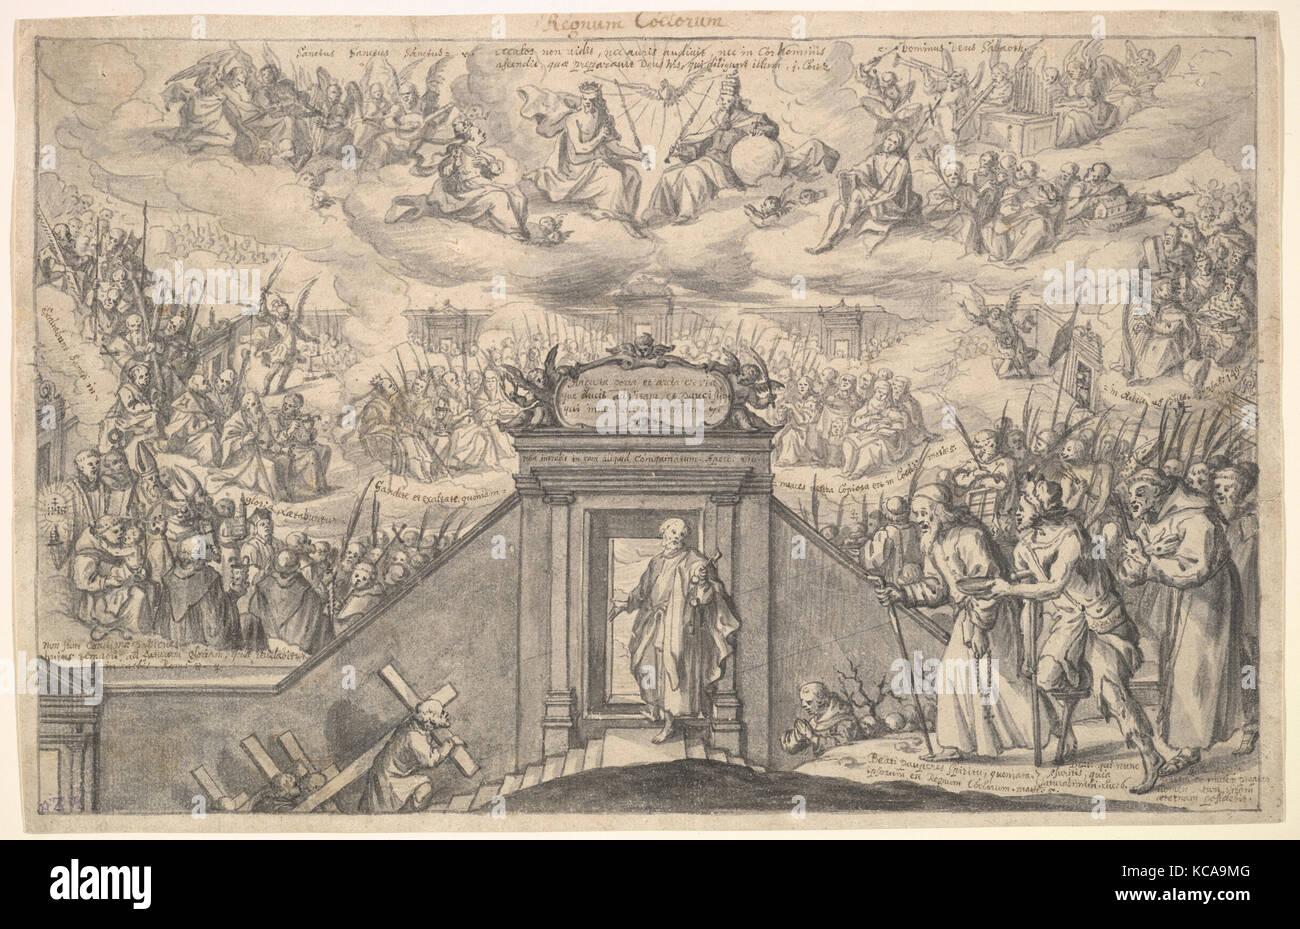 Il regno dei cieli, anonimo, Tedesco, xvii secolo tardo XVII secolo Immagini Stock